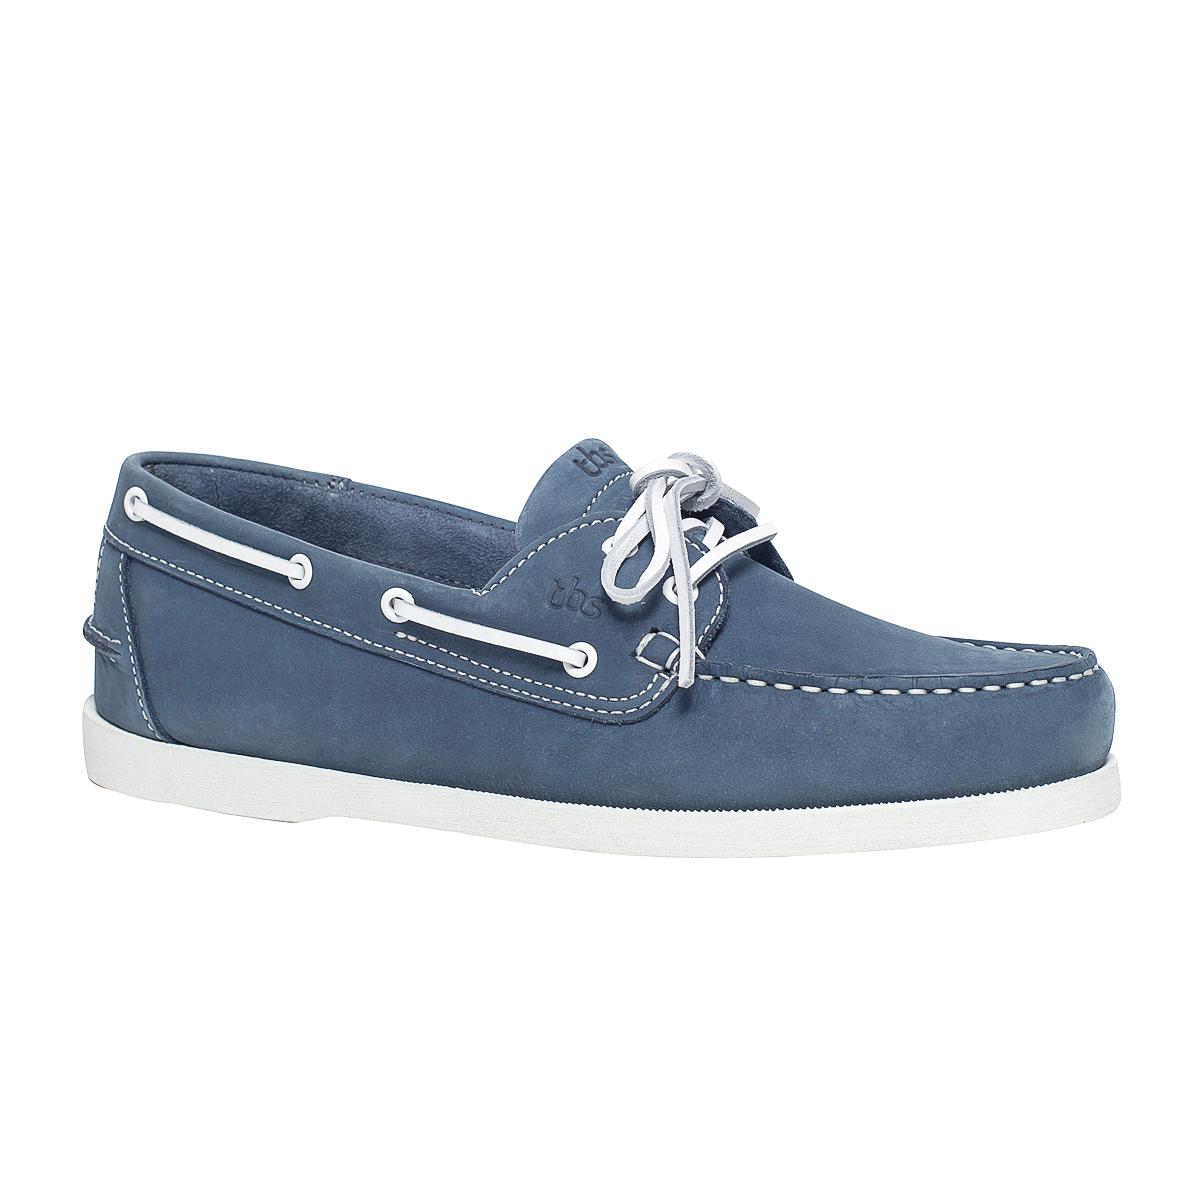 Топсайдеры мужские. PHENIS-3884PHENIS-3884Стильные мужские ботинки, комфортно и уверенно сидят на ноге, мысок прострочен, по бокам модель украшена декоративным шнурком. Верх модели регулируется шнуровкой.